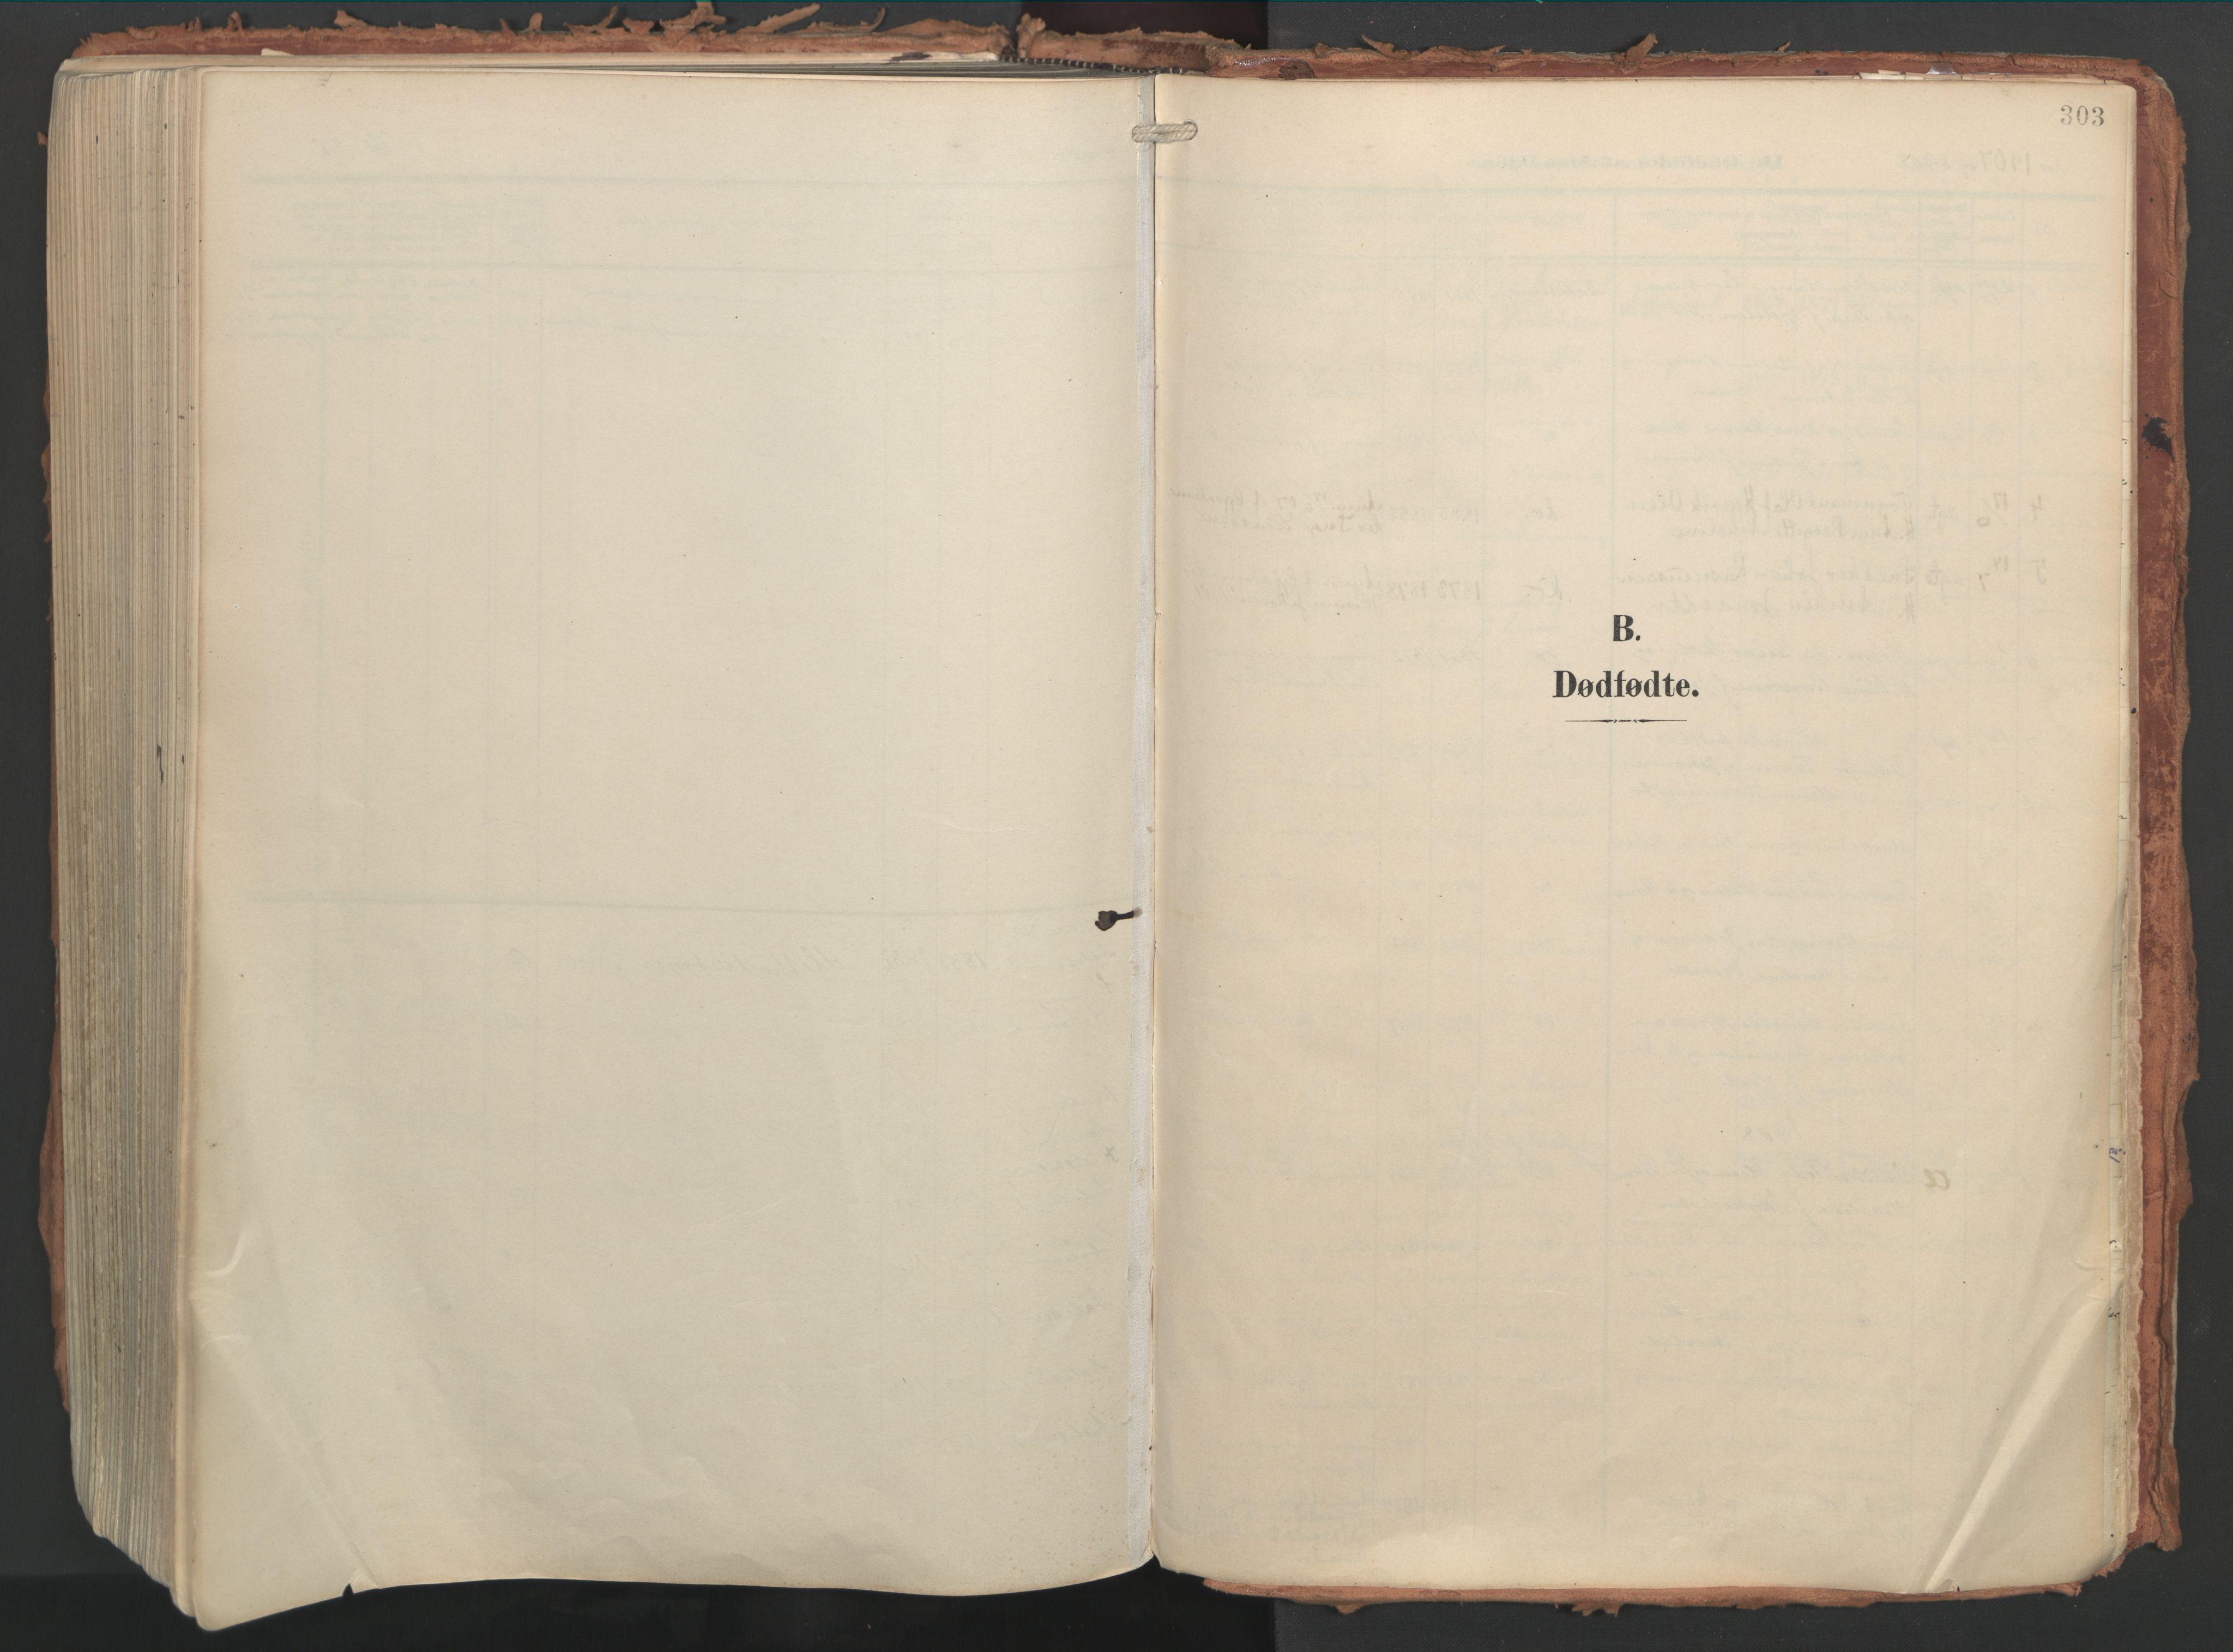 SAT, Ministerialprotokoller, klokkerbøker og fødselsregistre - Møre og Romsdal, 529/L0460: Ministerialbok nr. 529A10, 1906-1917, s. 303